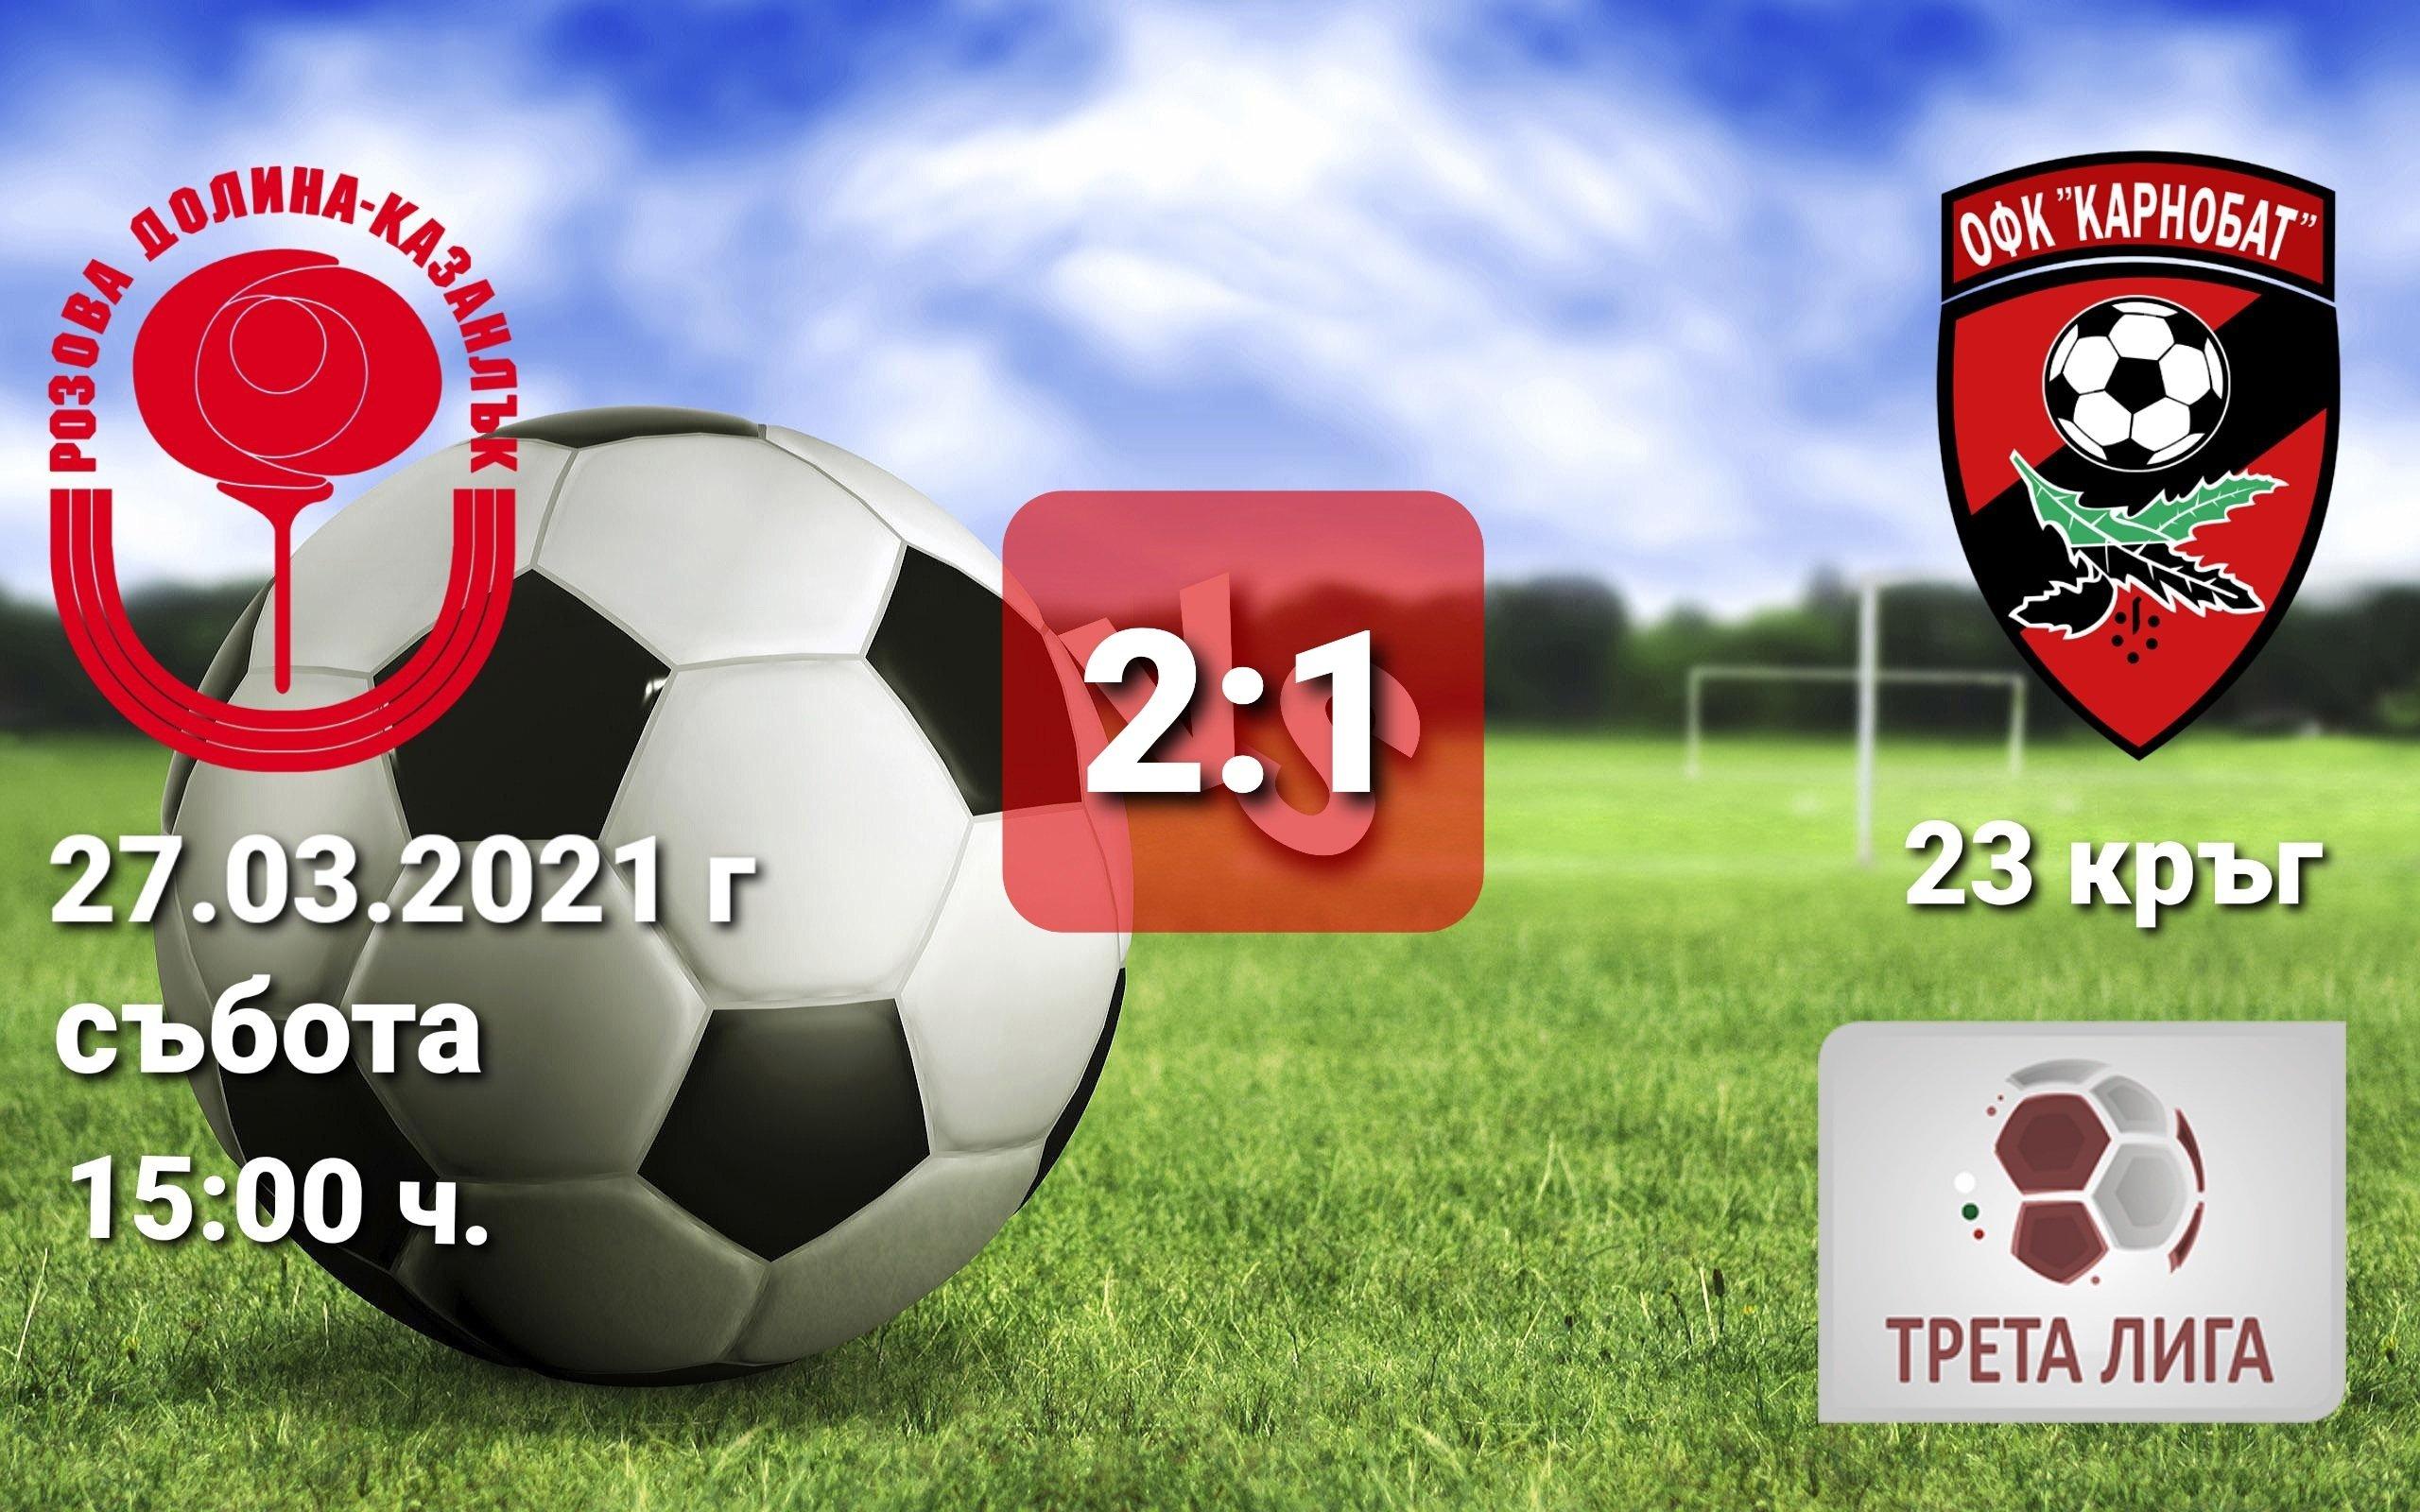 23 кръг: ФК Розова долина (Казанлък) - ОФК Карнобат (Карнобат)